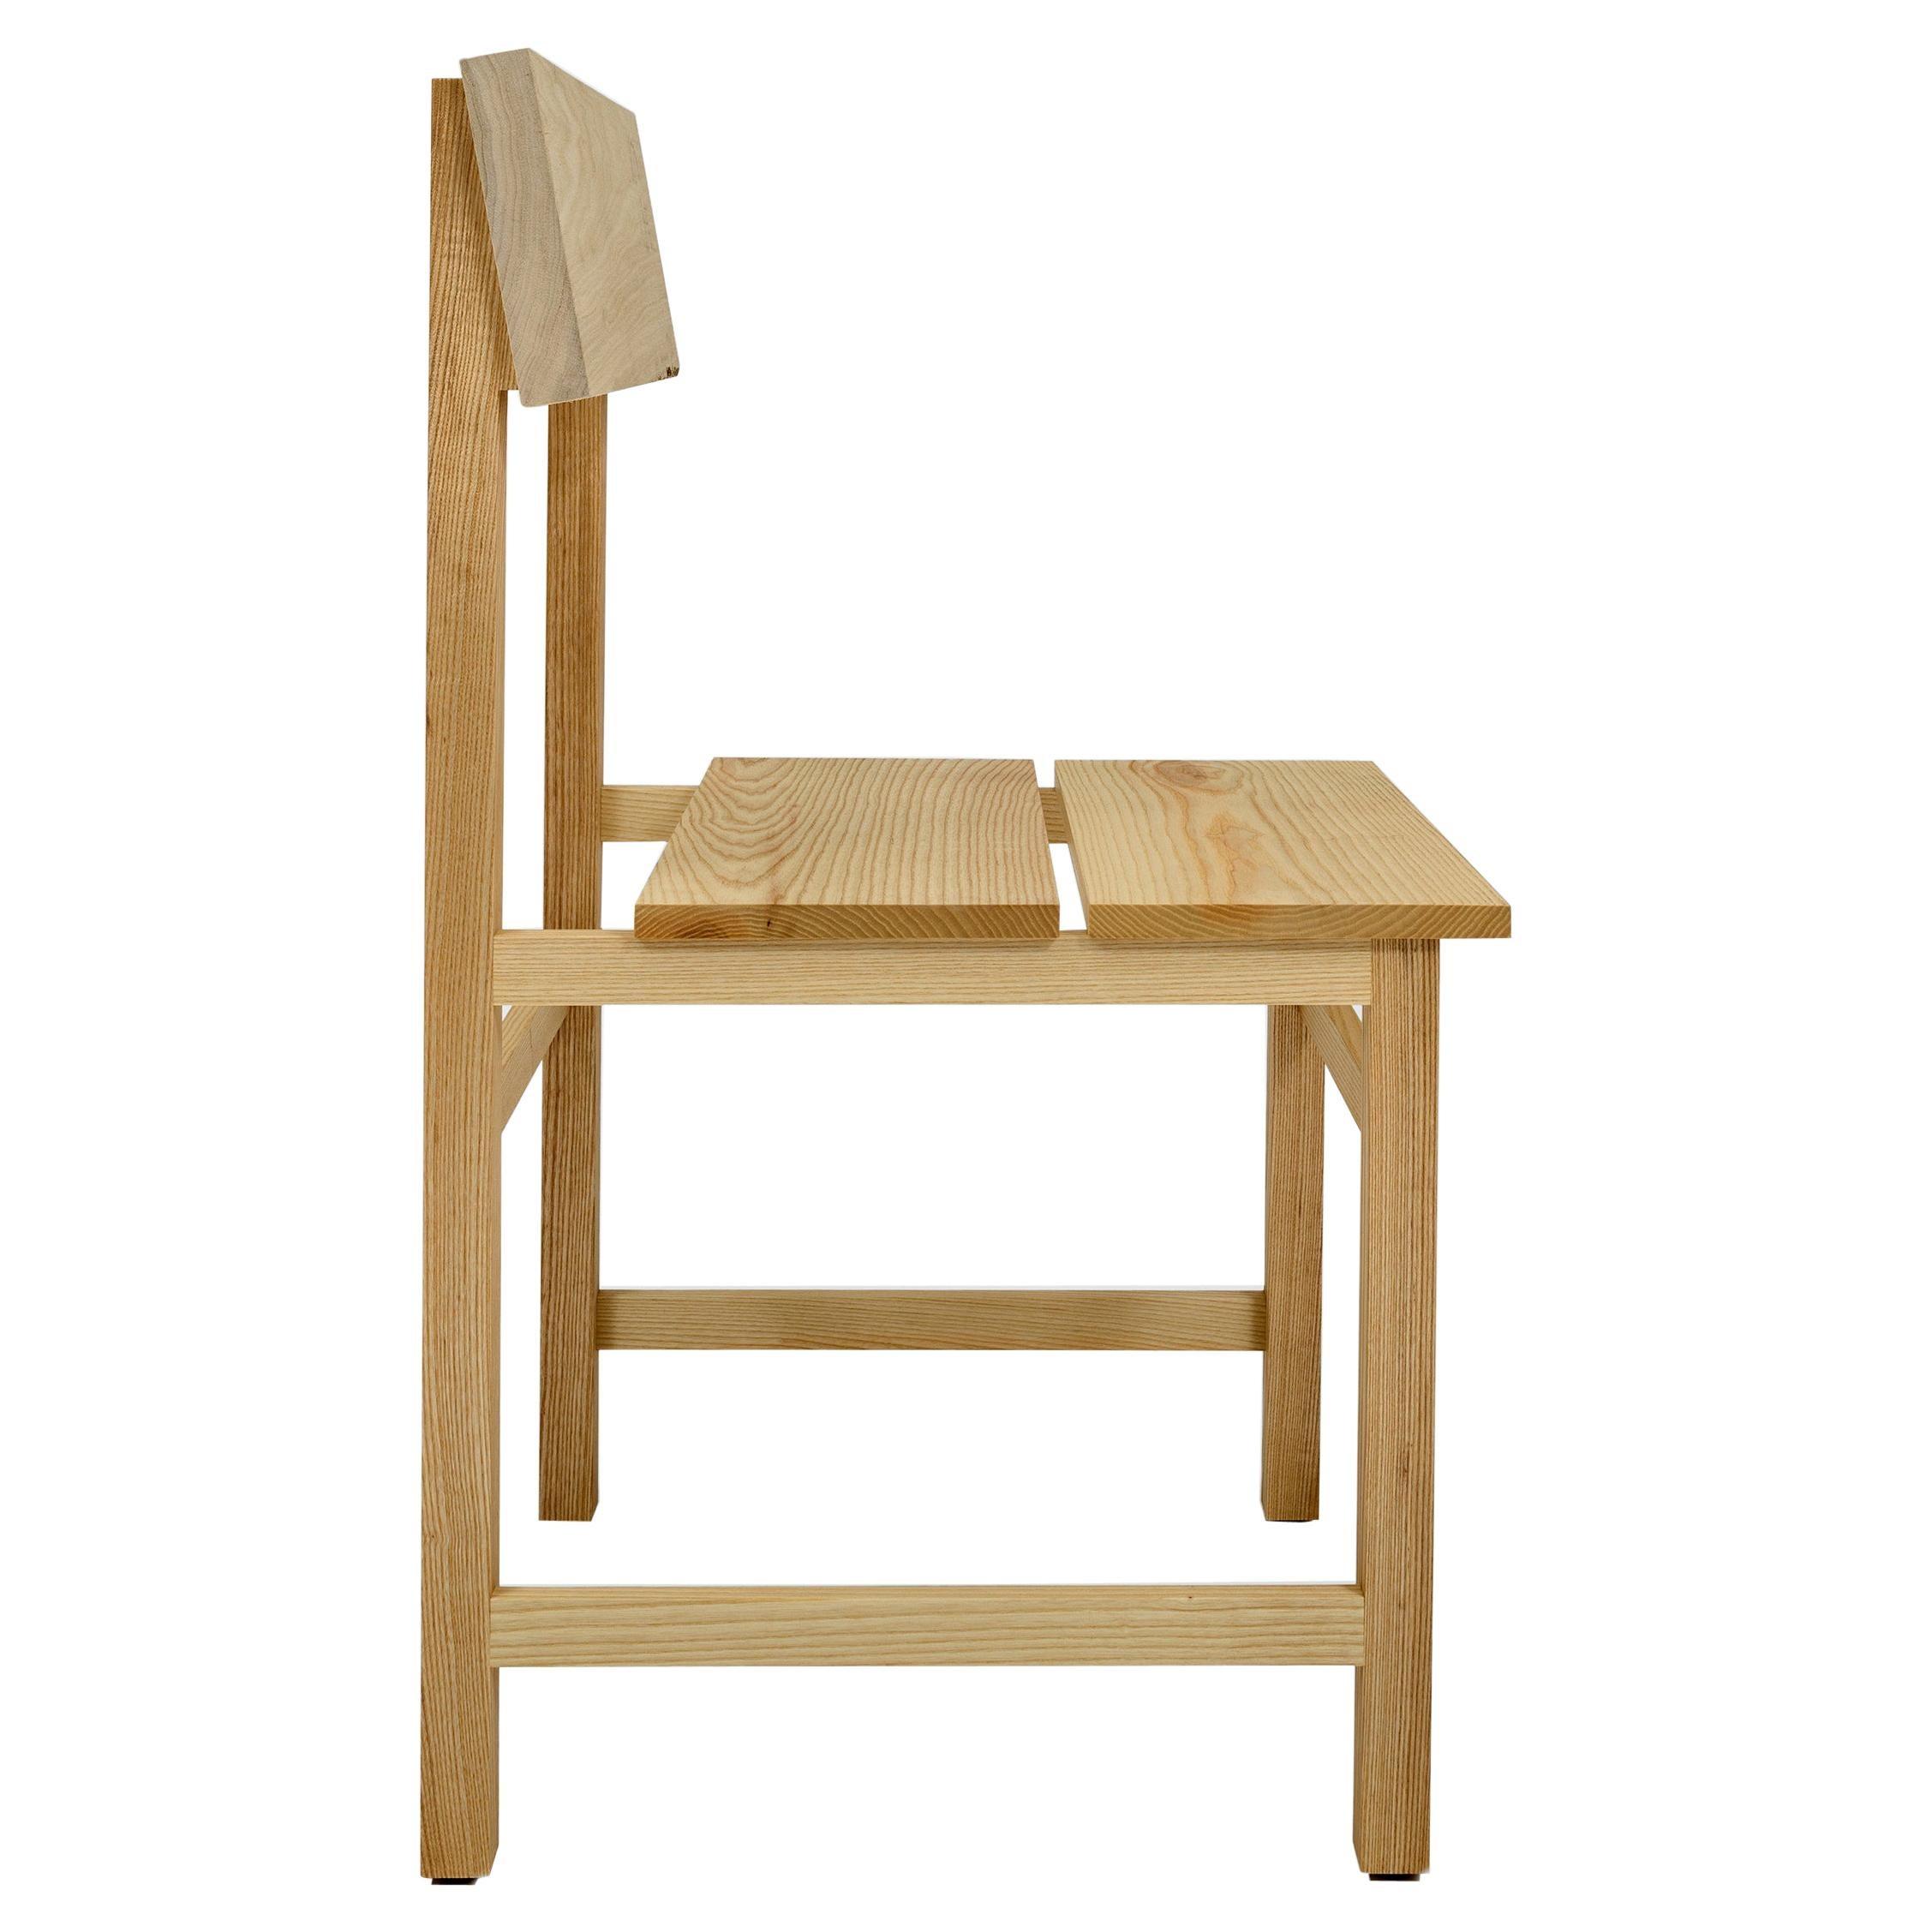 Prairie Chair, Modern Ash Wood Dining Chair